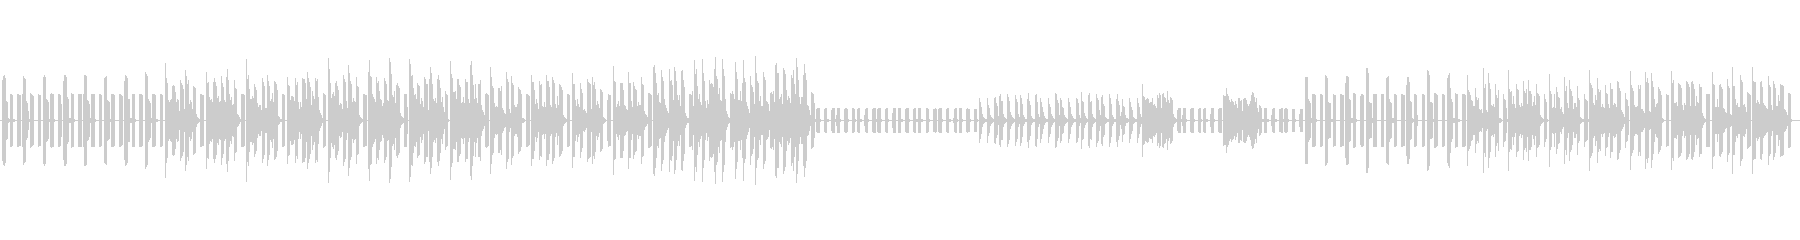 ファンタジー/水晶洞窟/氷/ダンジョンの未再生の波形